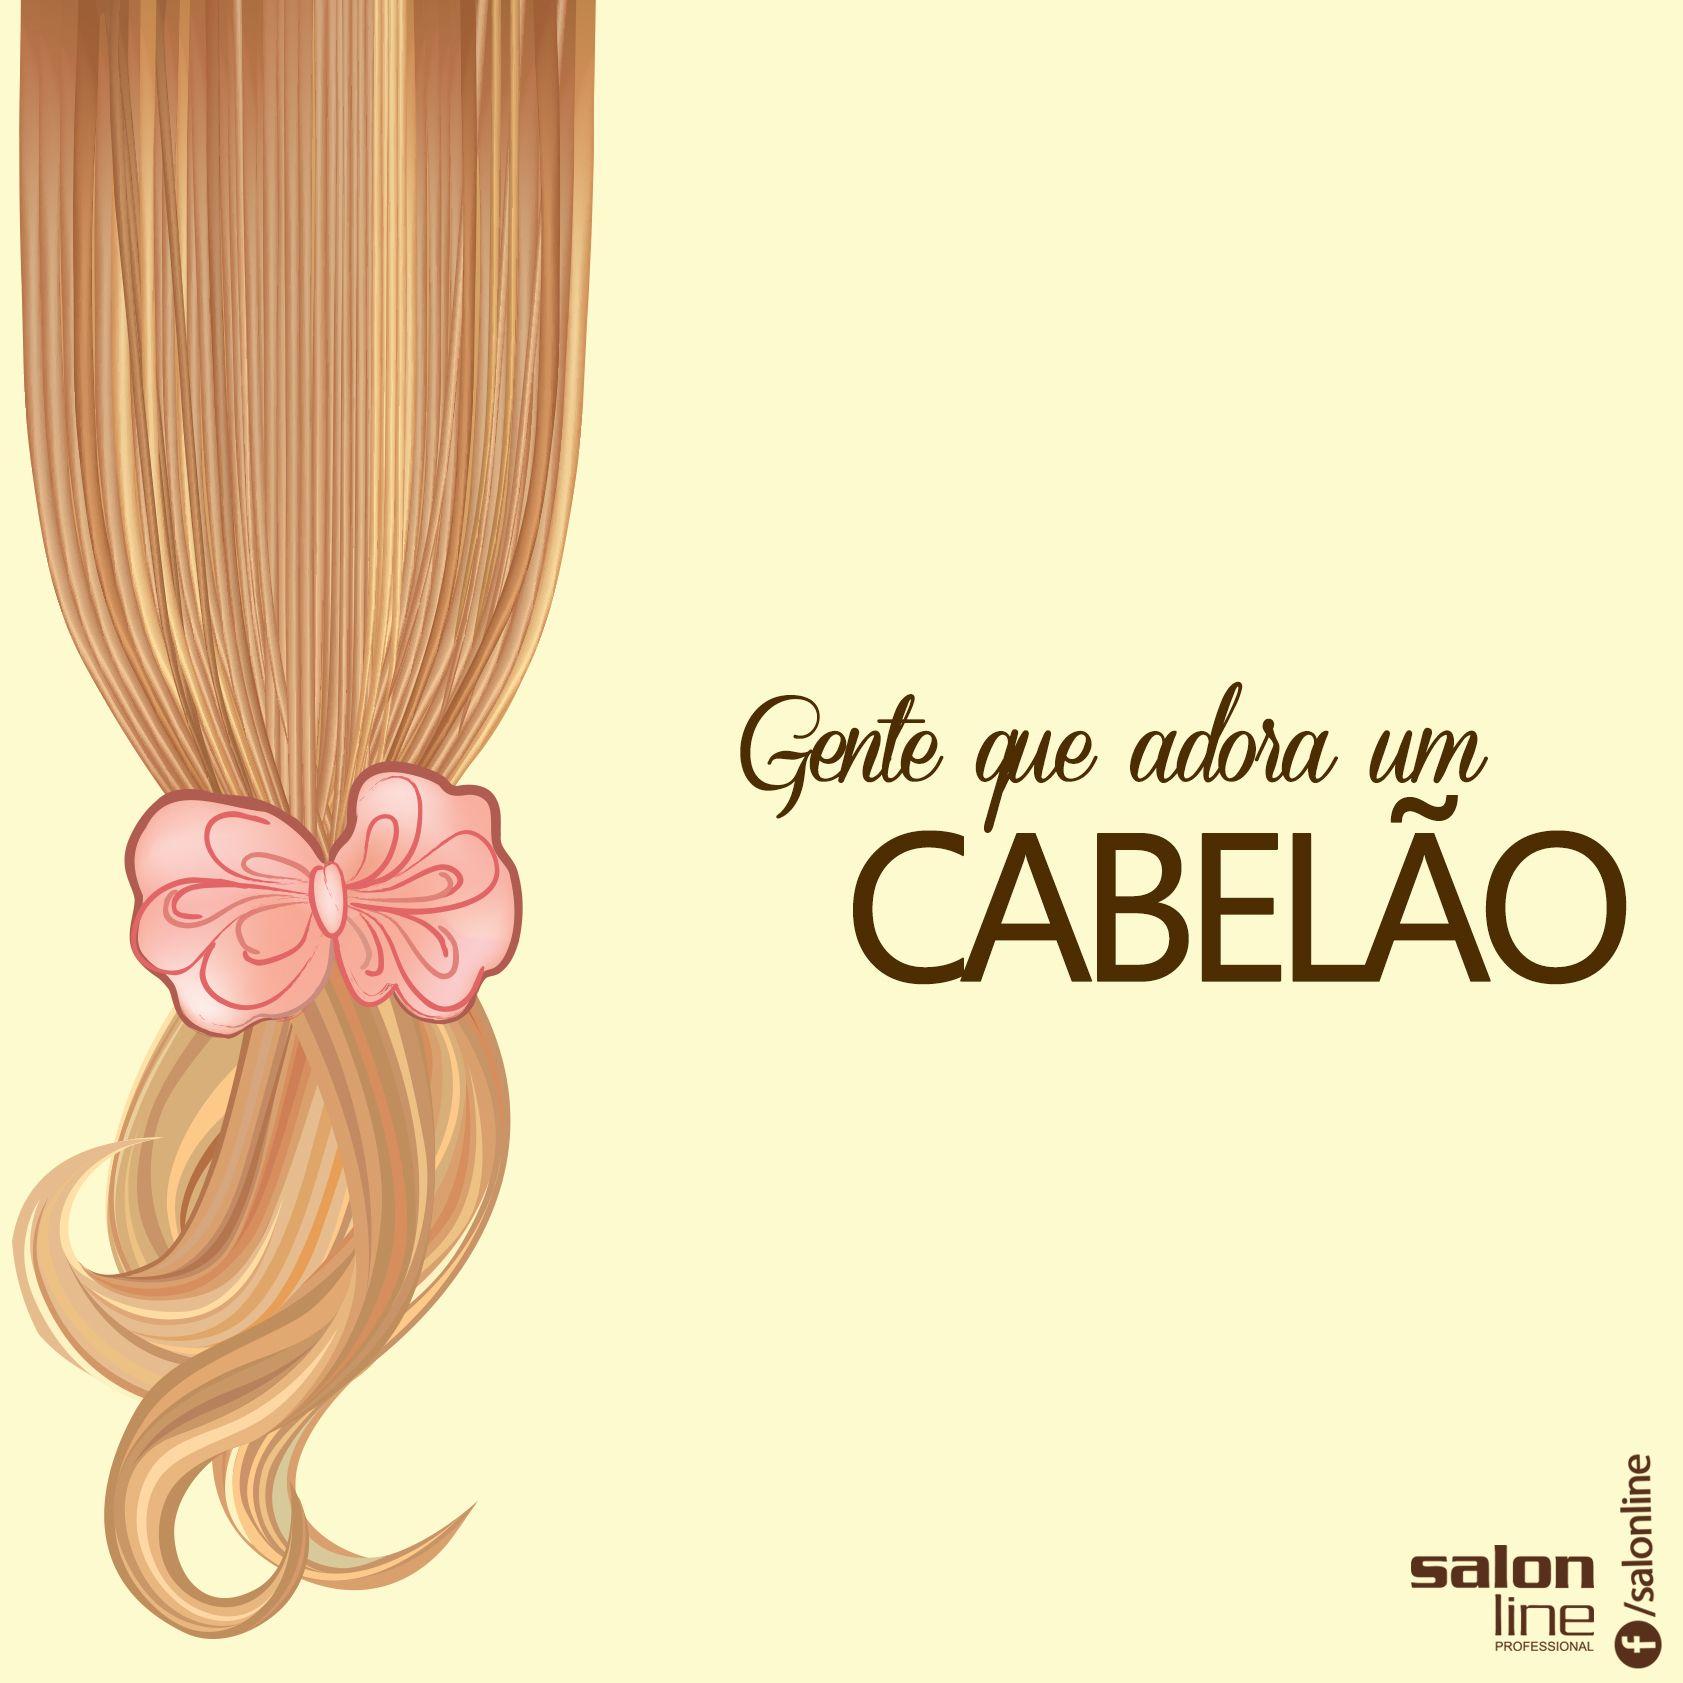 Quem você conhece de cabelão?